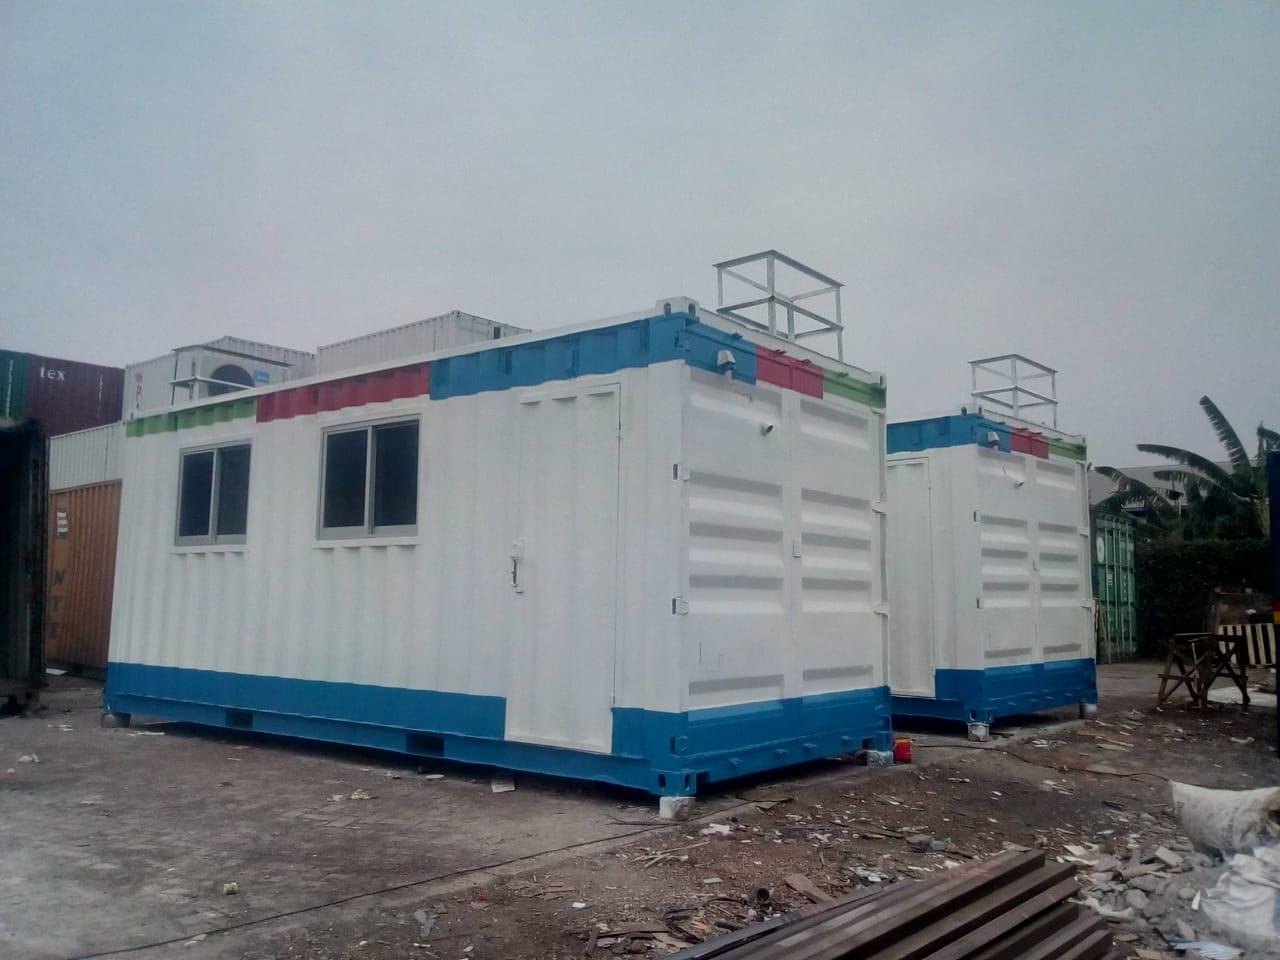 jual Container modifikasi buat kantor, office, kebab, harga kontainer dry 20 feet dan 40 feet, kontainer office standar 40 feet dan 20 feet